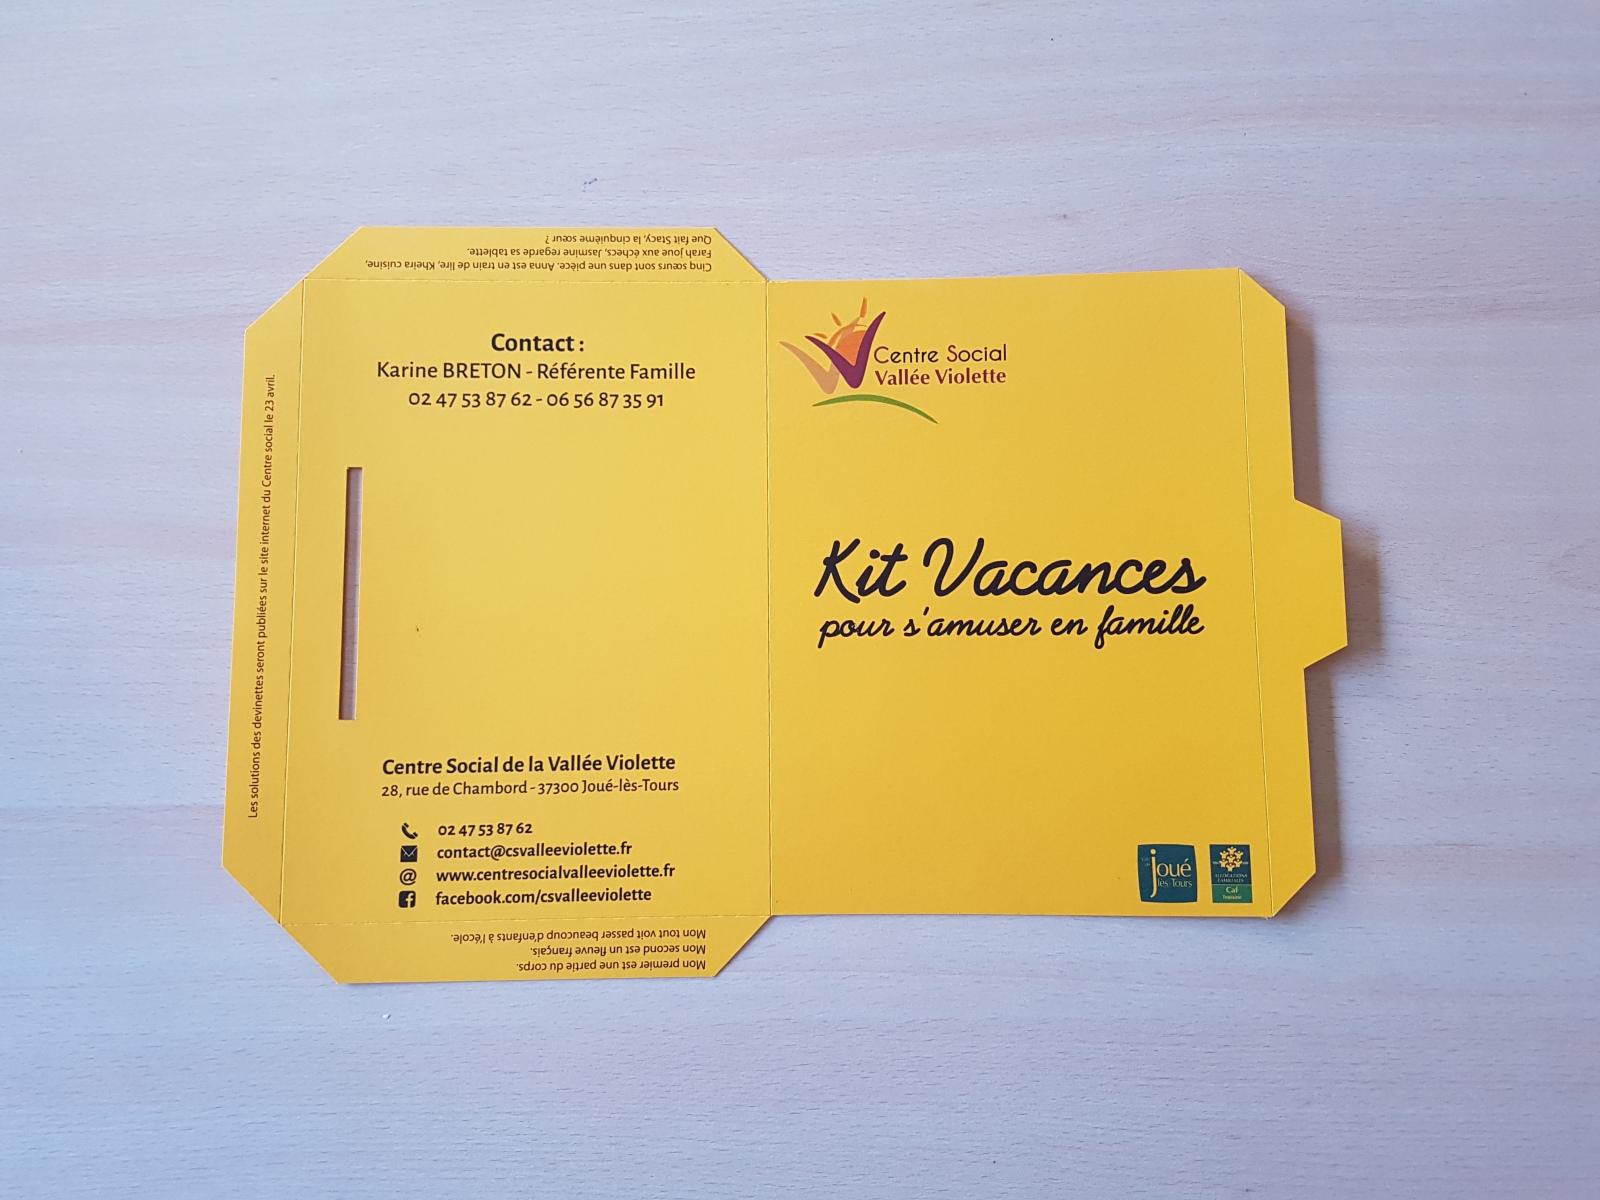 Kit Vacances pour s'amuser en famille